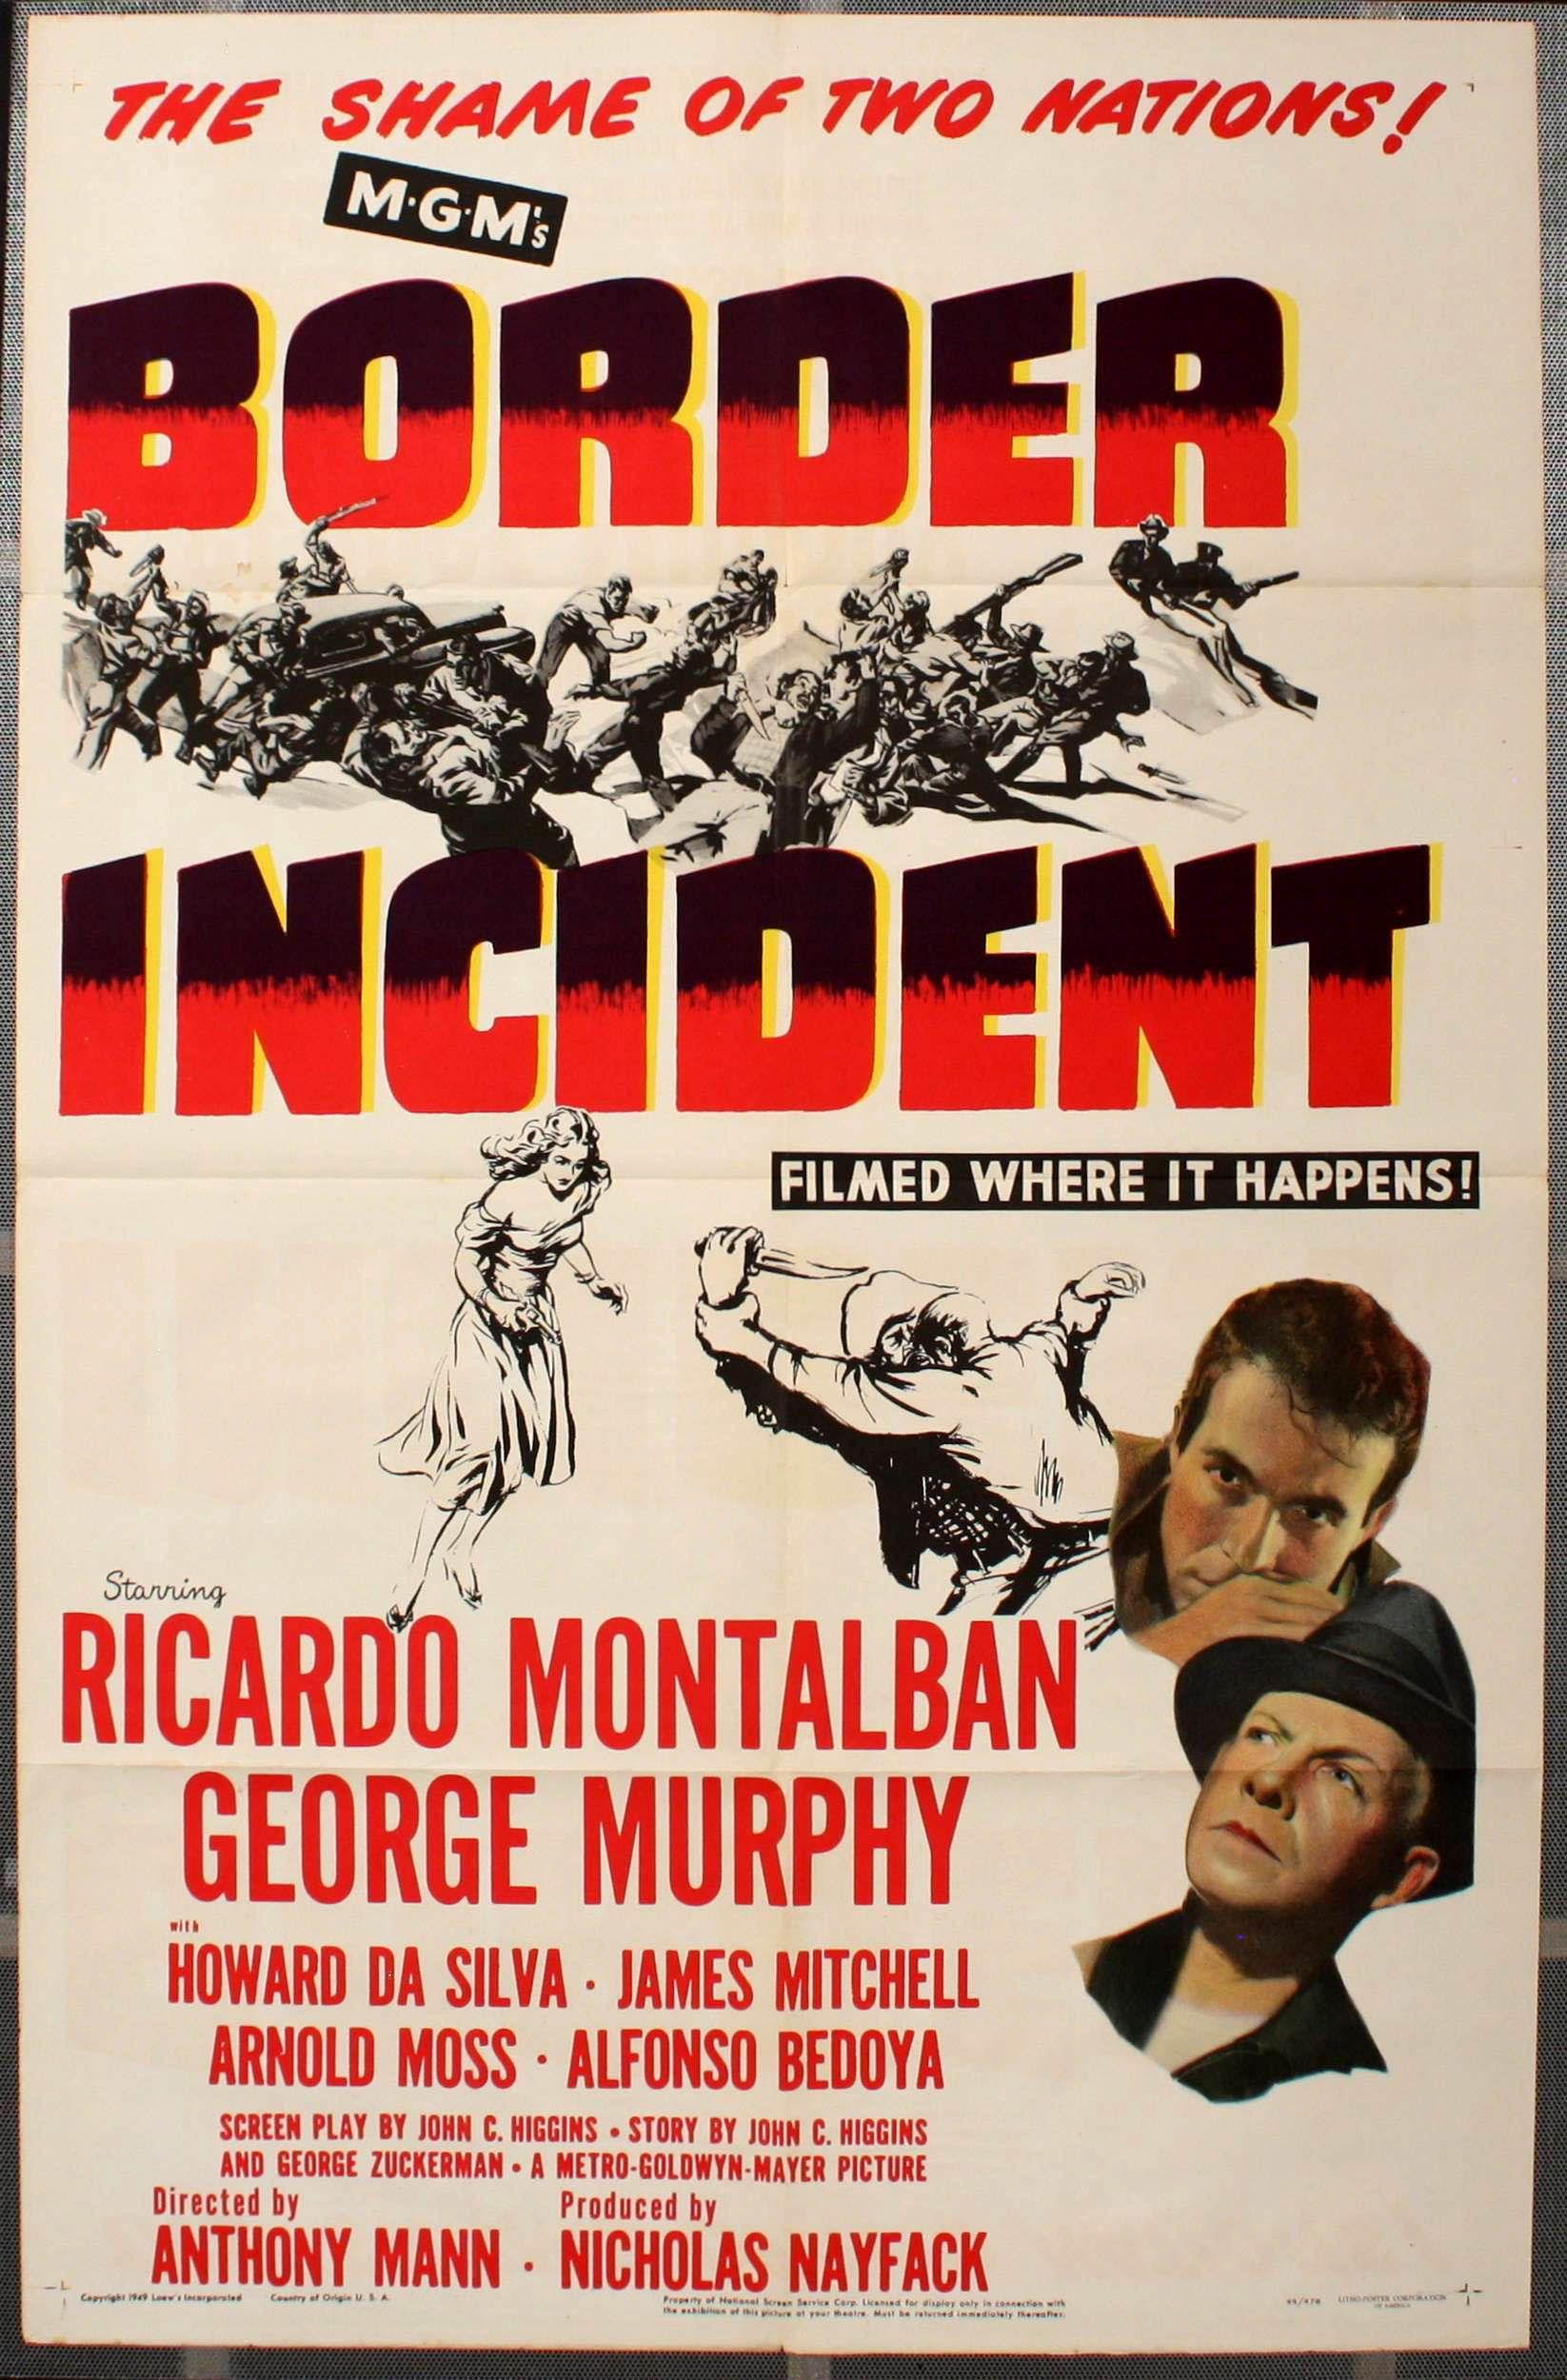 """[1949] Esta película contiene una de las escenas más brutales de la historia del cine noir. El momento en el que un agente federal es asesinado al pasarle una maquina desbrozadora por encima. El problema de la emigración ilegal en los EEUU viene de lejos. """"La vergüenza de dos naciones"""" pone en el cartel de la película. Ricardo Montalbán está convincente en su papel. Un 6,5/10"""